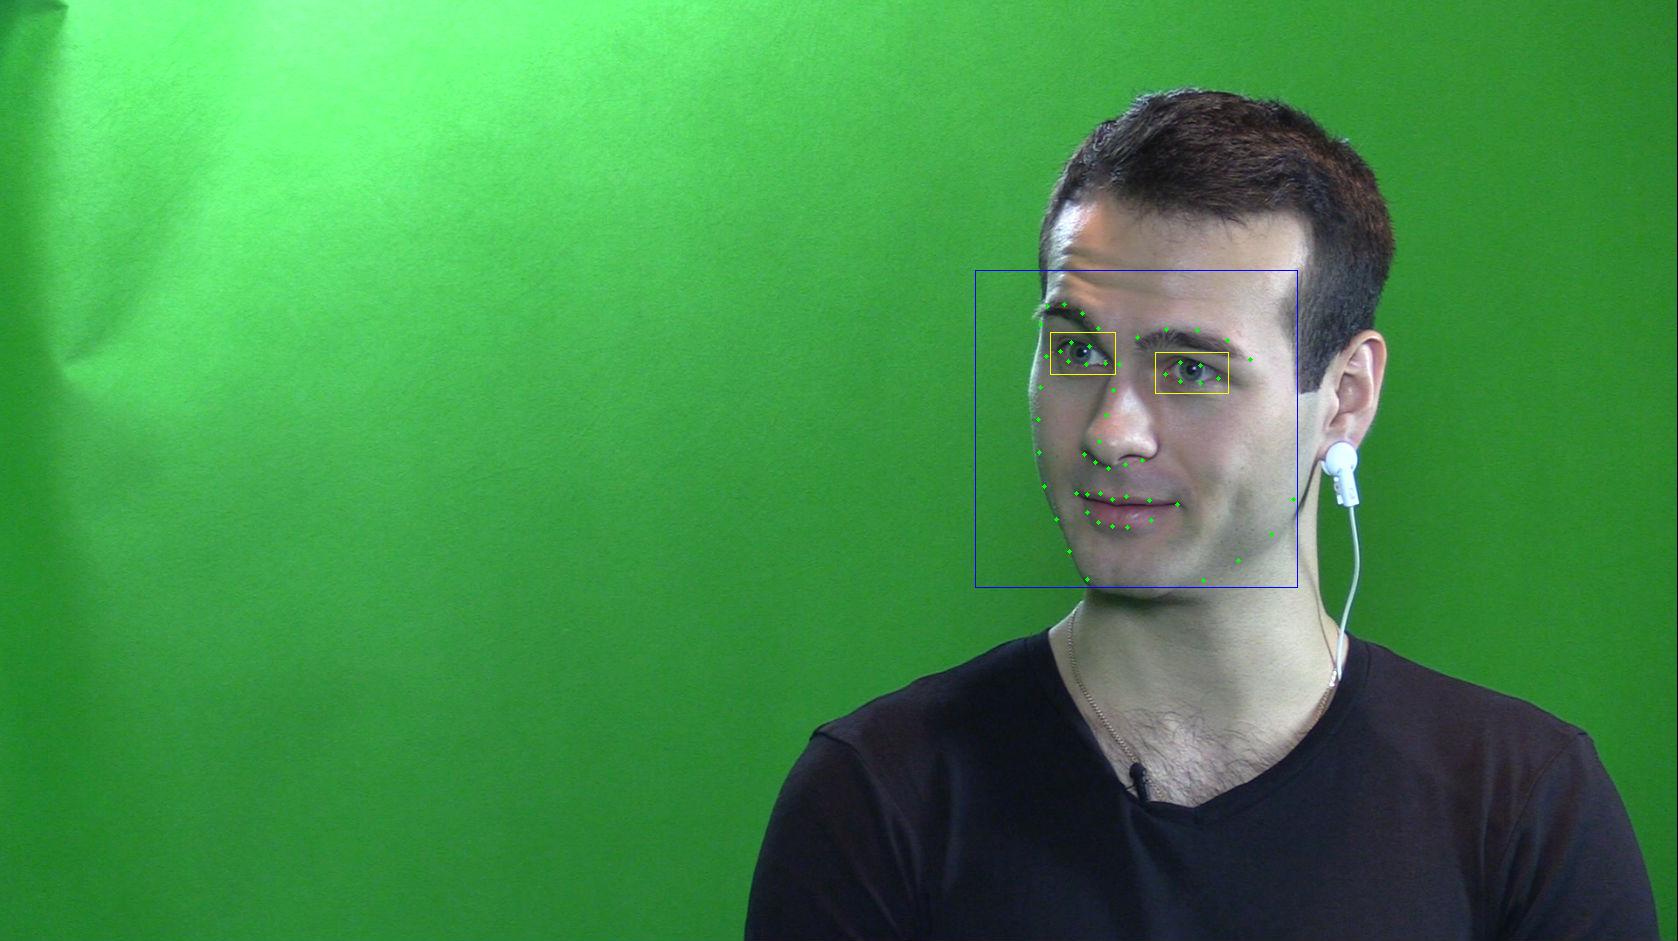 Компьютерное зрение видит эмоции, пульс, дыхание и ложь — но как построить на этом стартап. Разговор с Neurodata Lab - 3